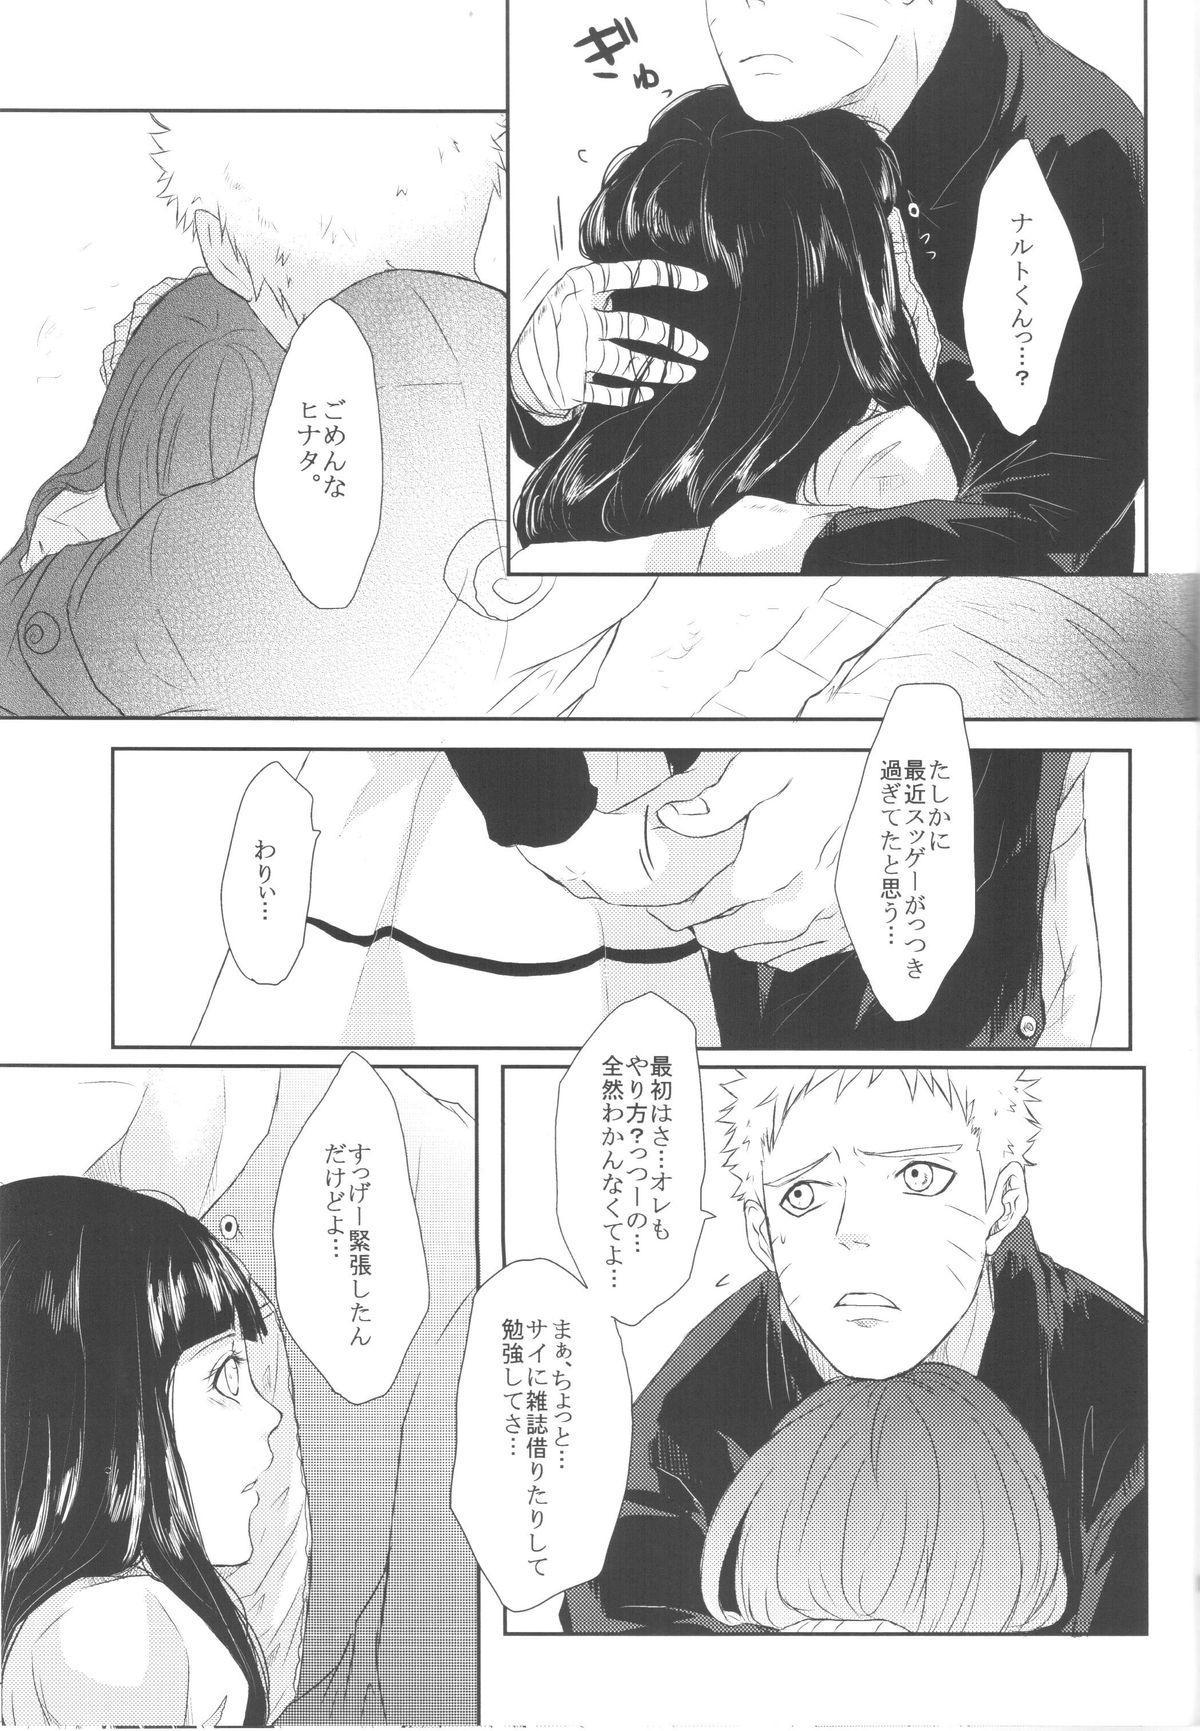 Naruto-kun no Ecchi!! 29